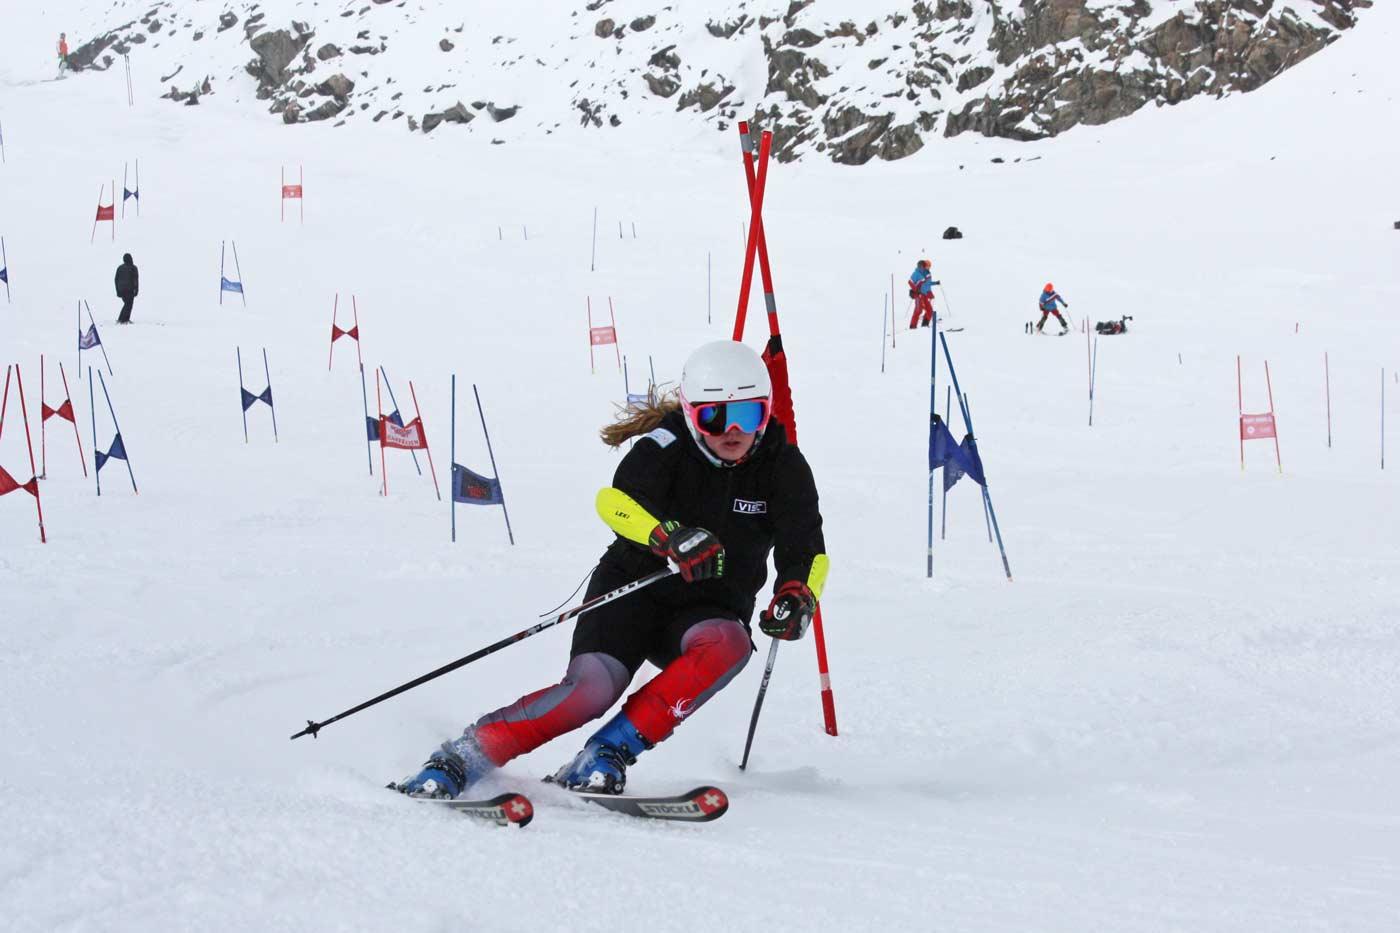 Skiën met een race ski